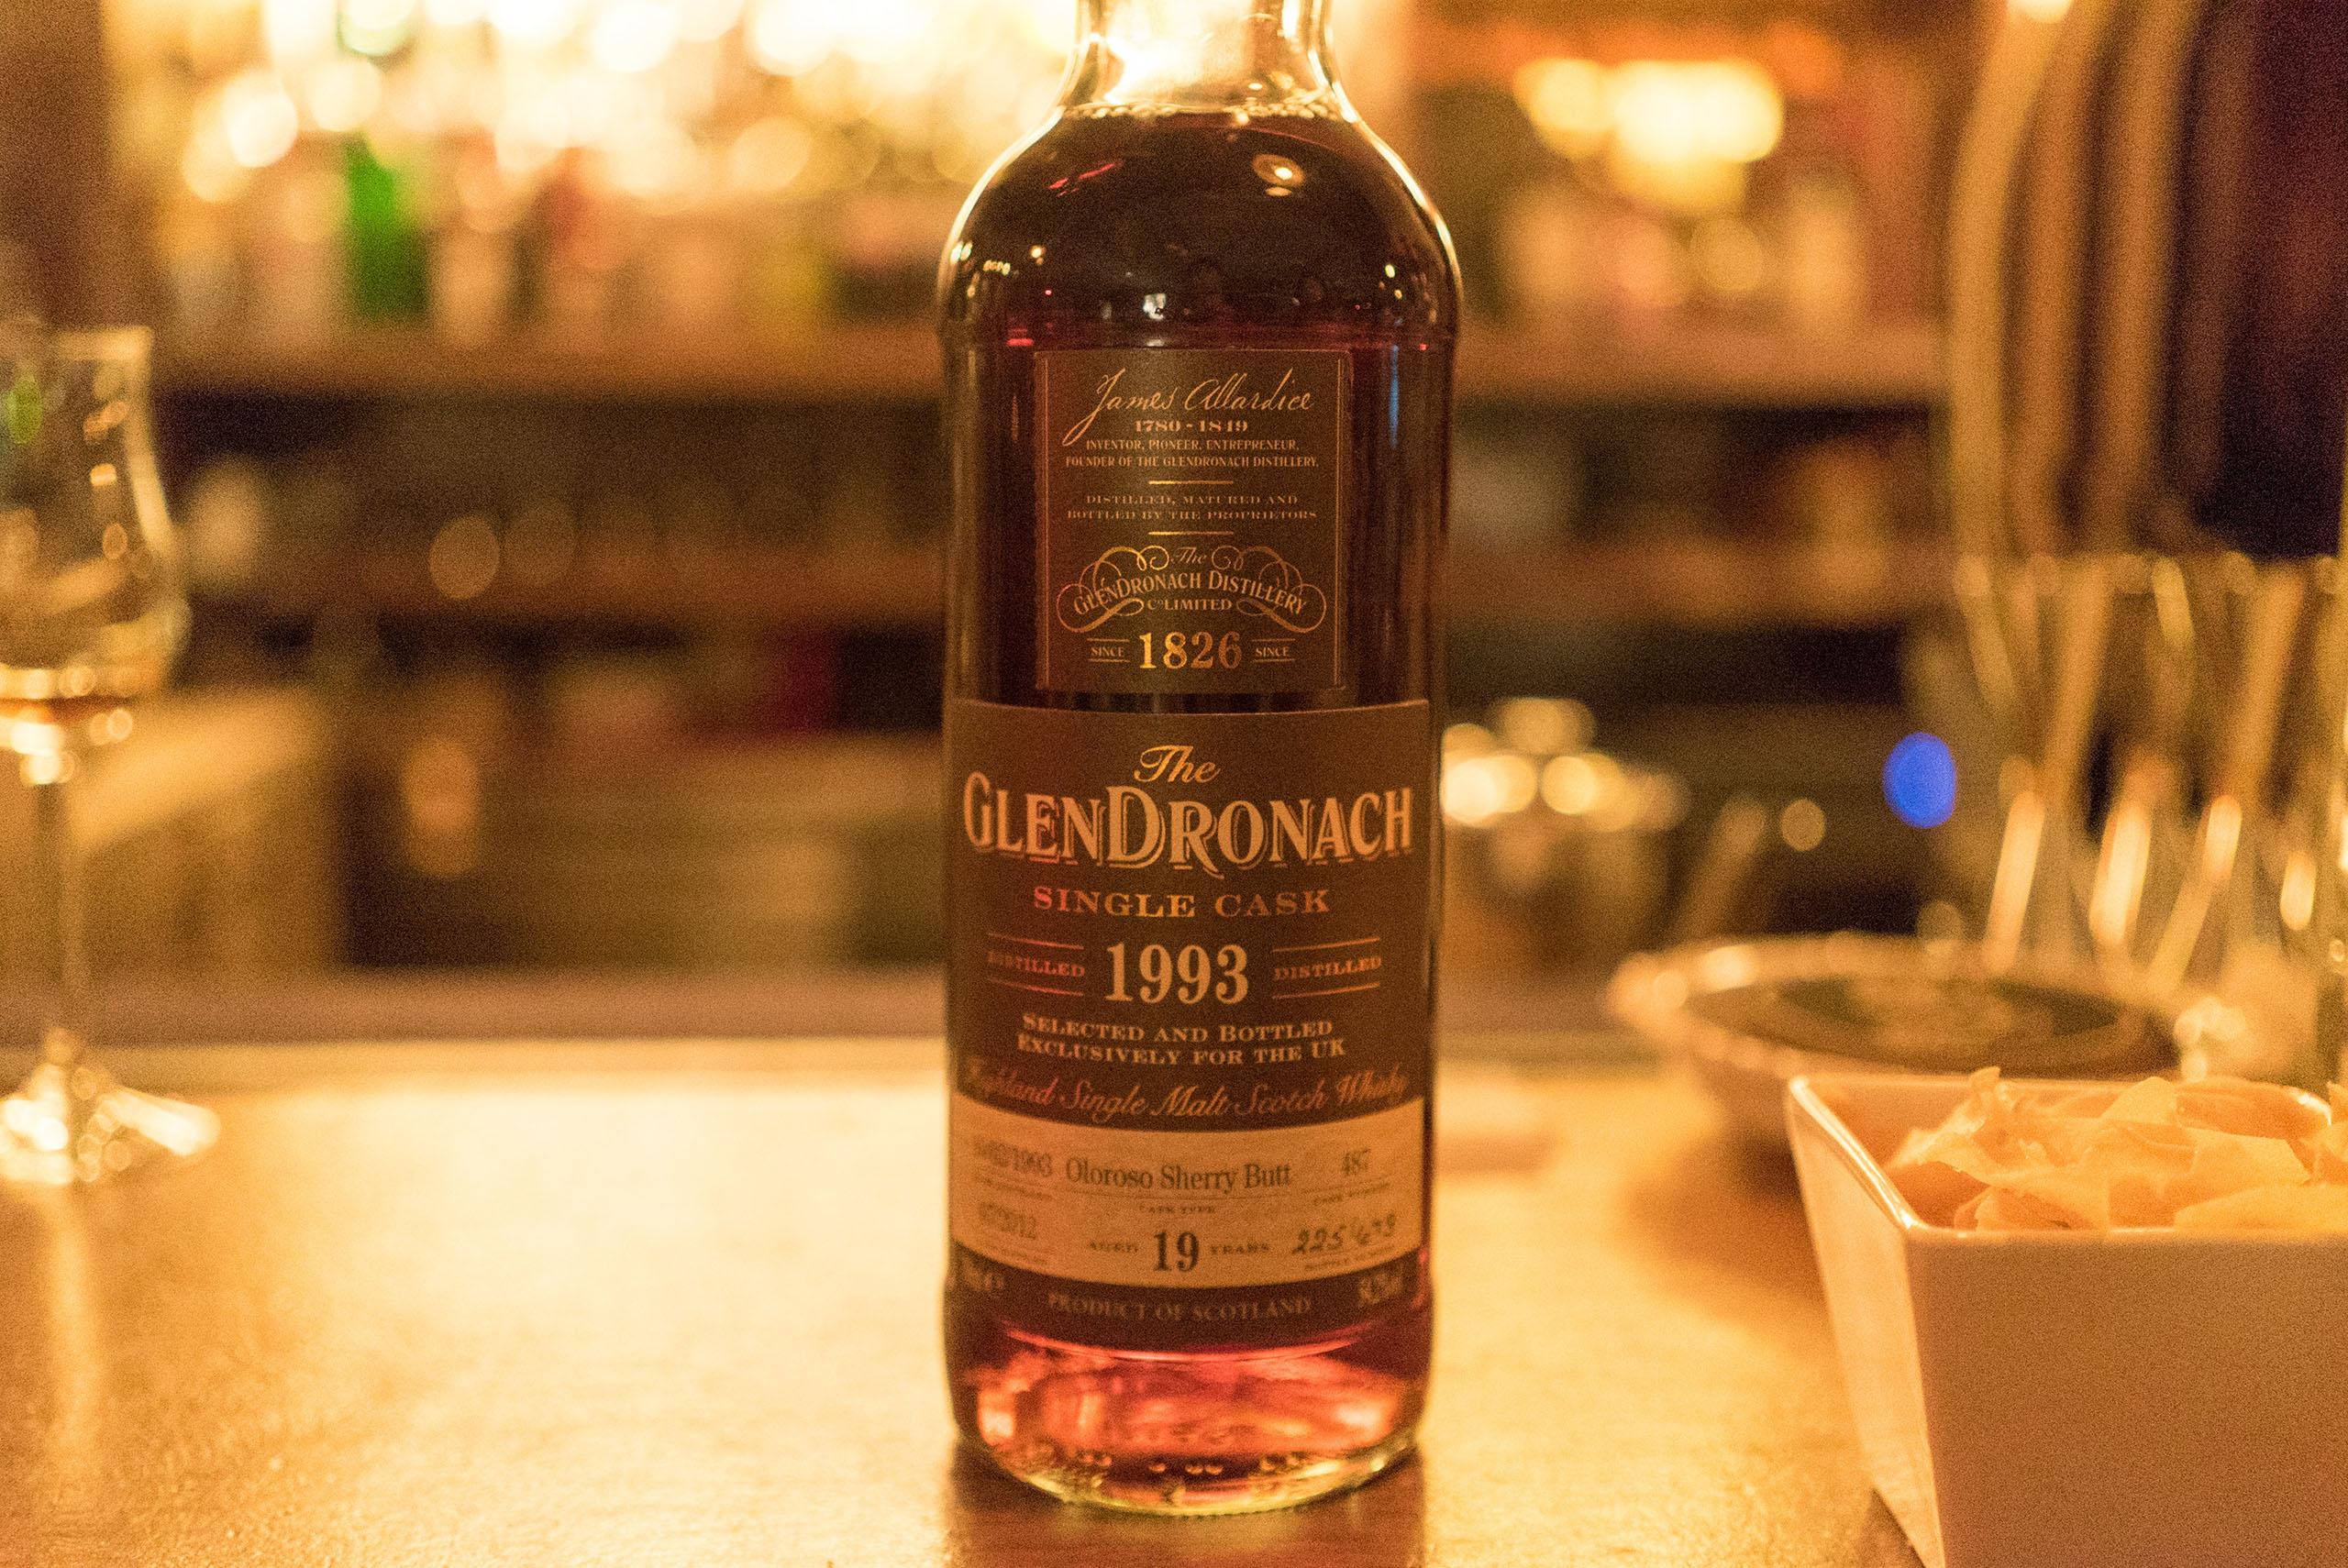 The Glendronach Single Cask 1993